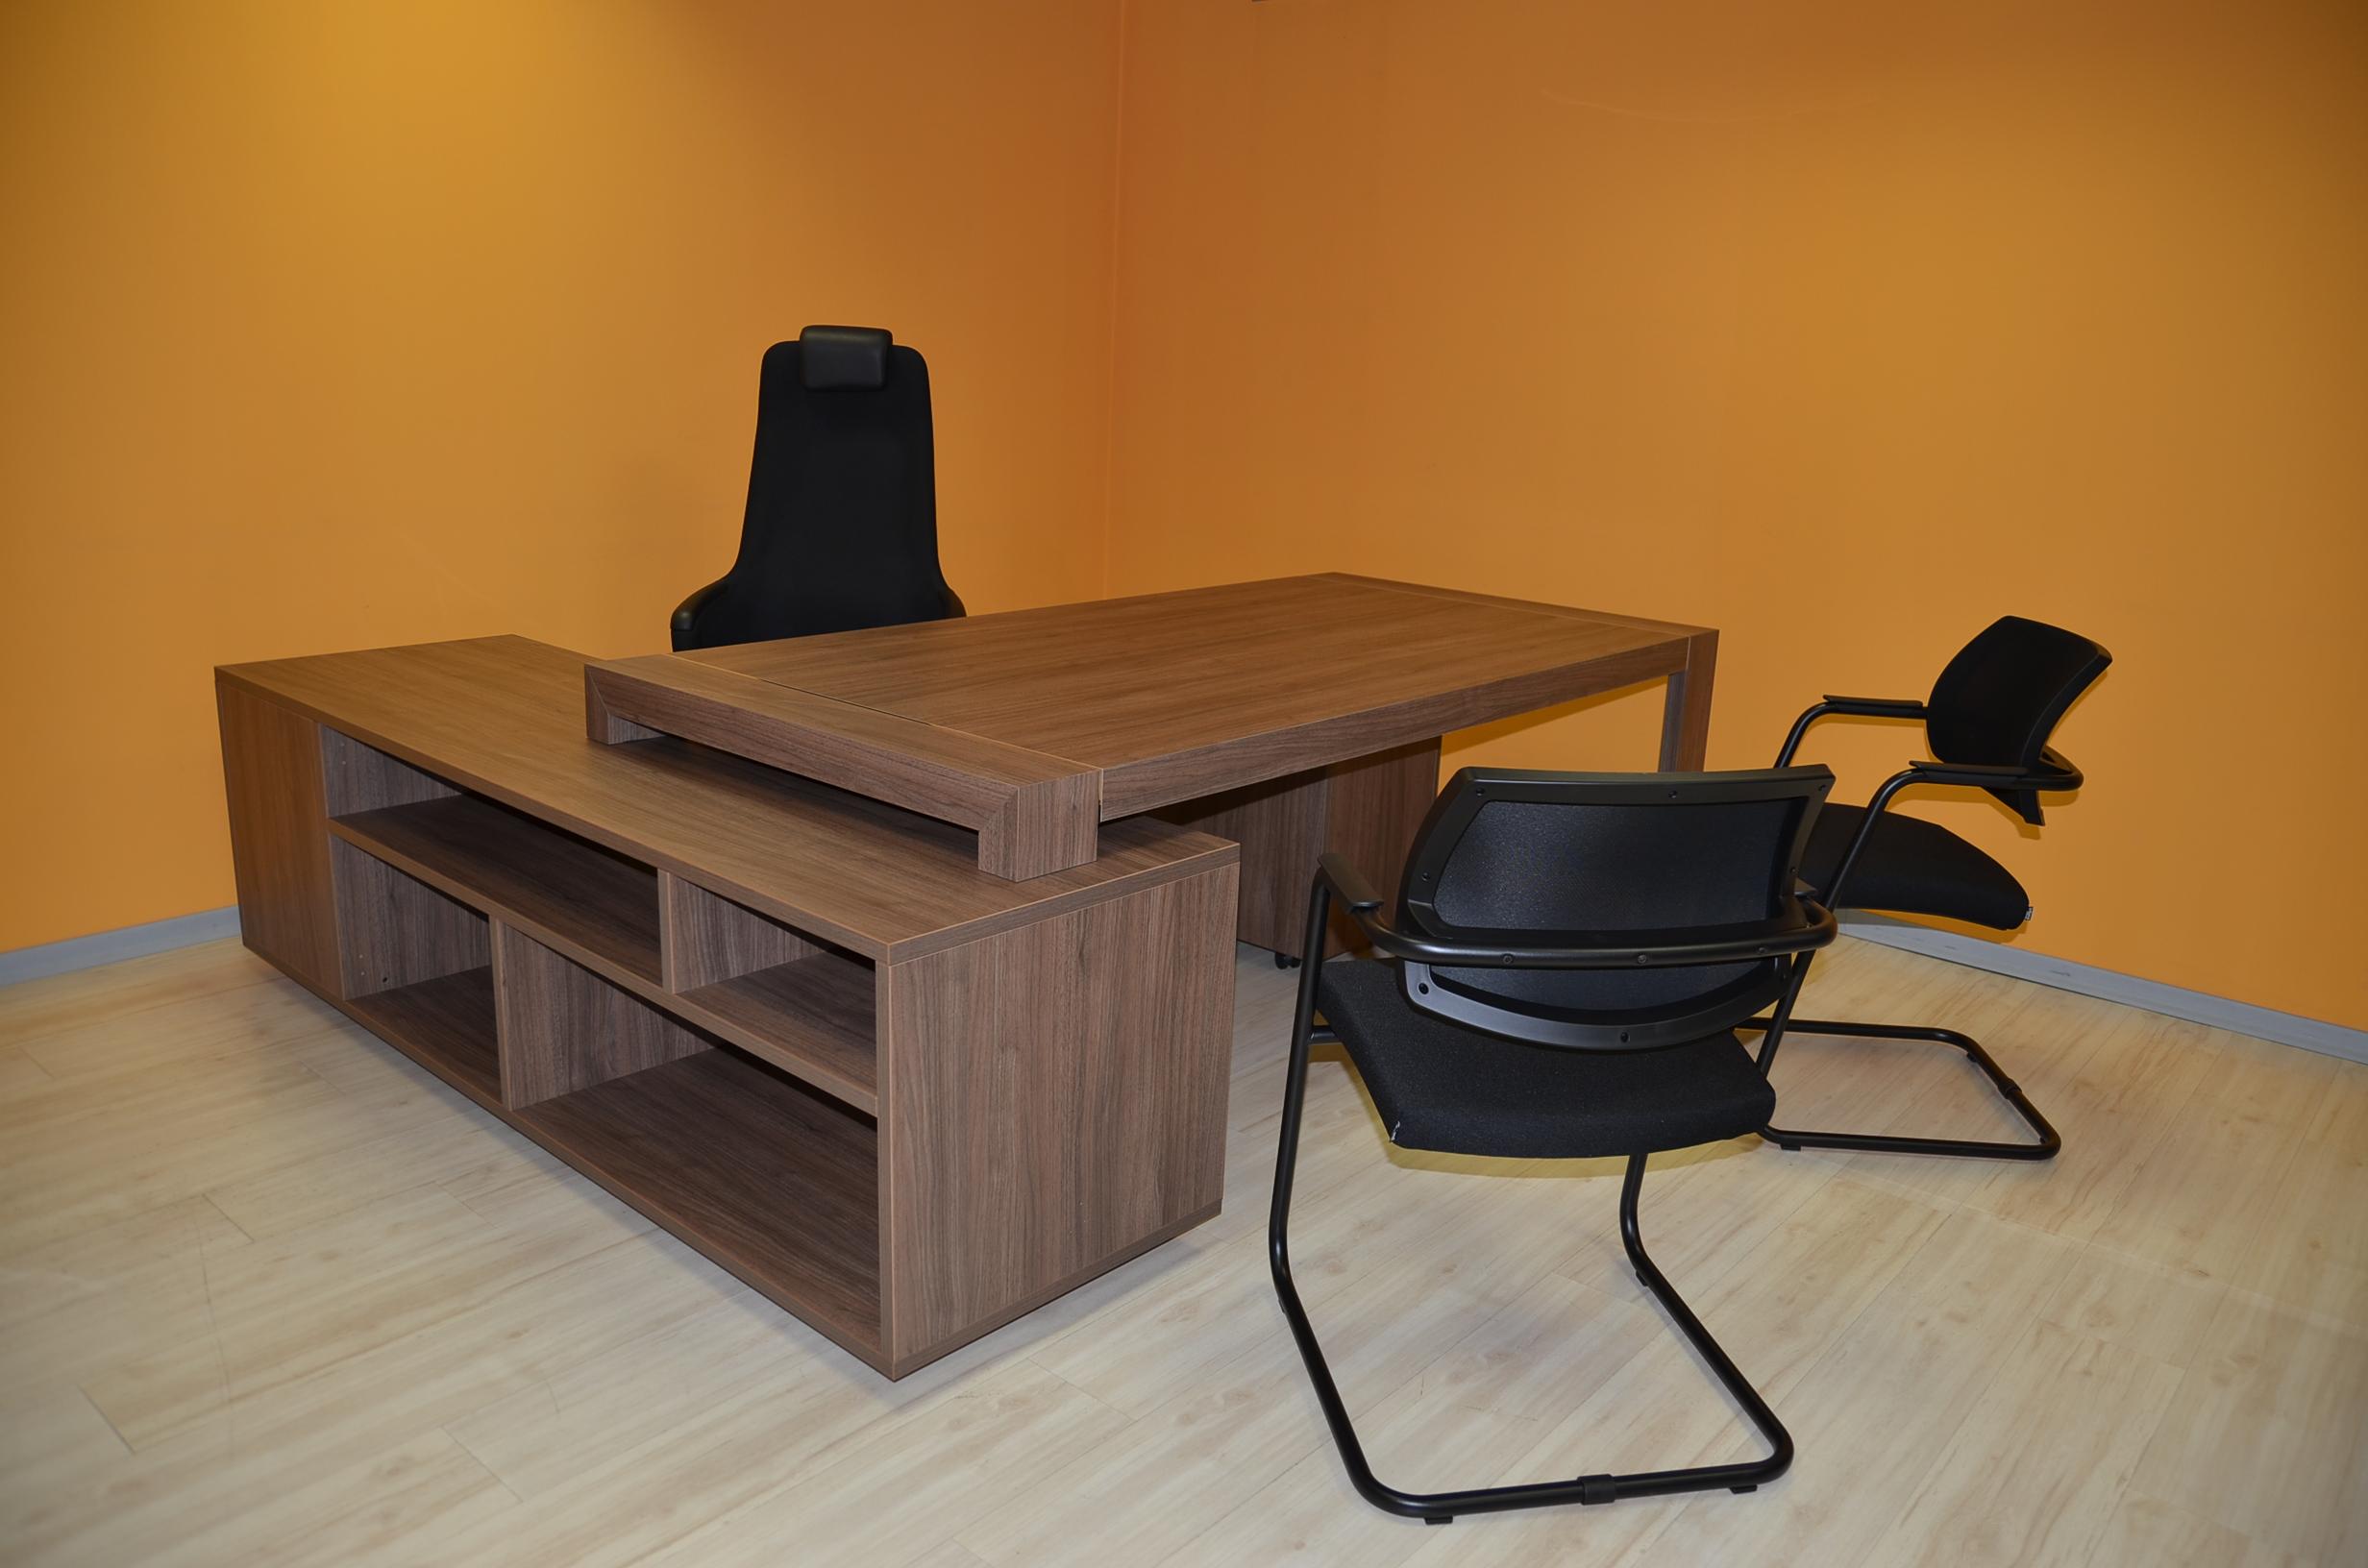 Design Ufficio Anni 60 : Progettazione e realizzazione arredamenti ufficio